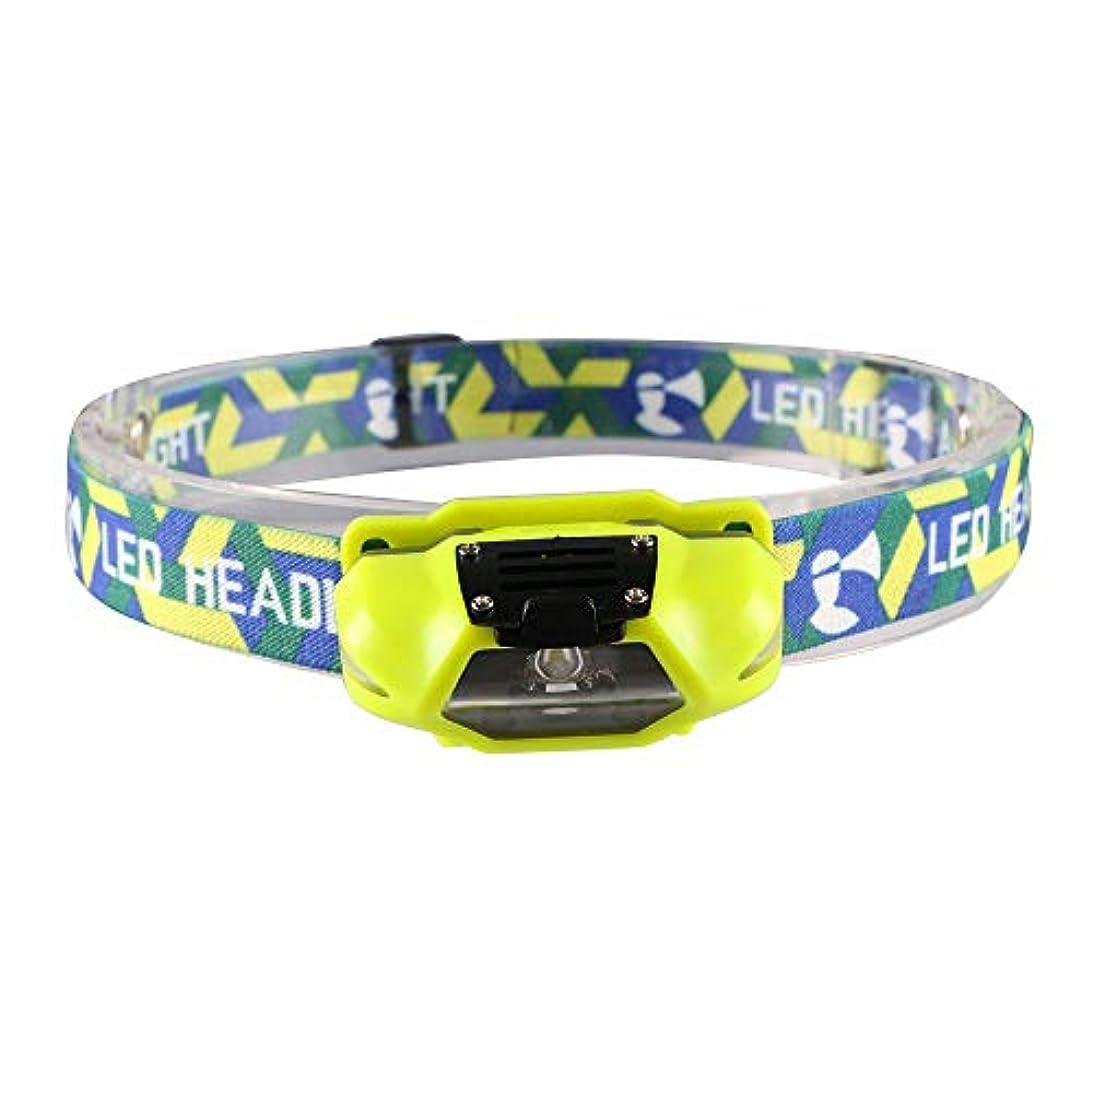 粗い評価可能十分にUSB充電式LEDヘッドランプ、スーパーブライトLEDヘッドトーチライト軽量防水ヘッドランプフラッシュライトトーチランニング用キャンプ釣りハイキングサイクリング4モード